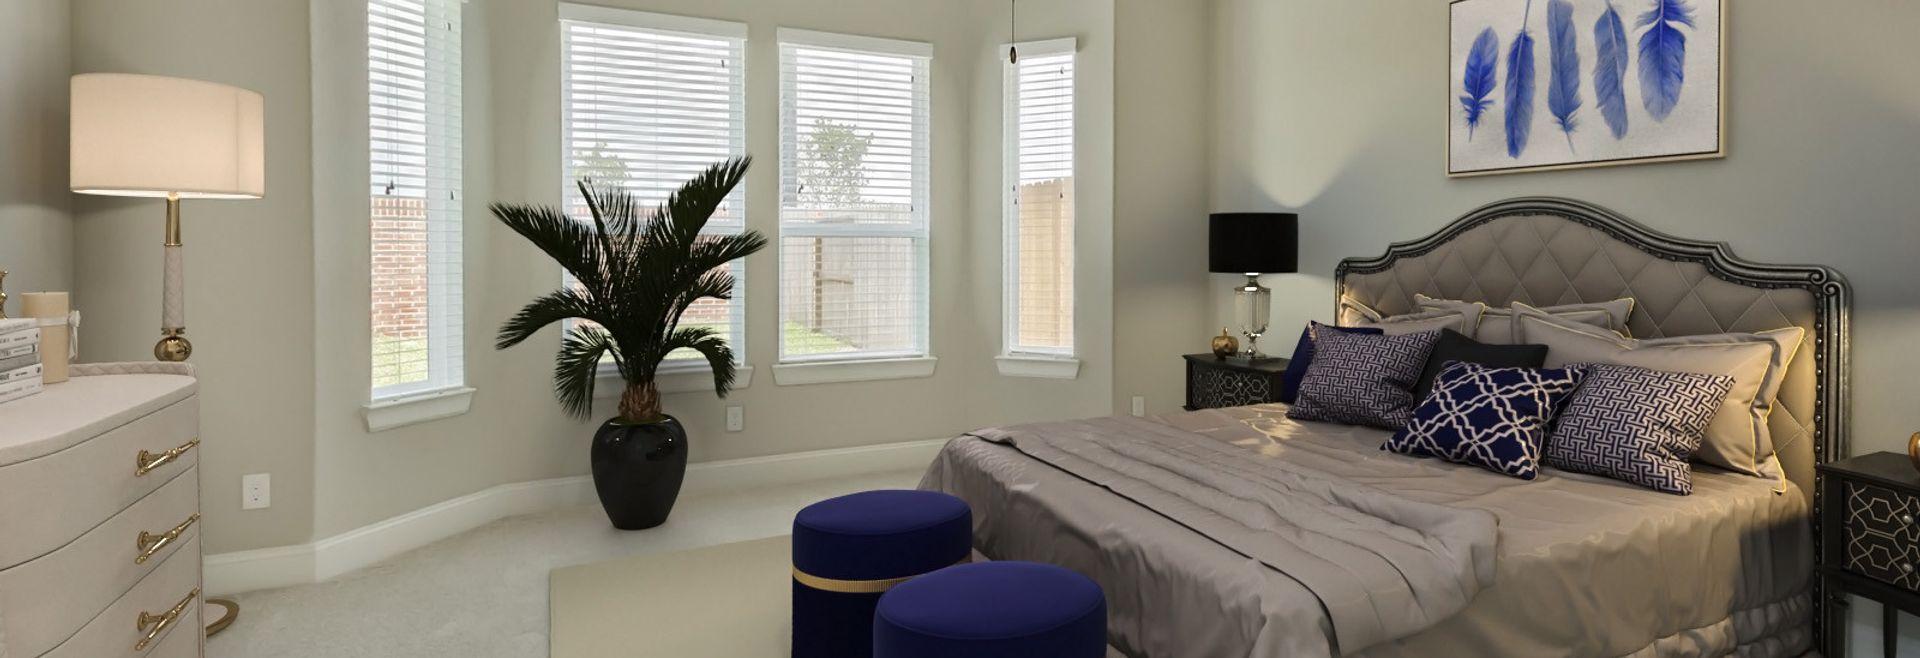 Plan 5114 Master Suite